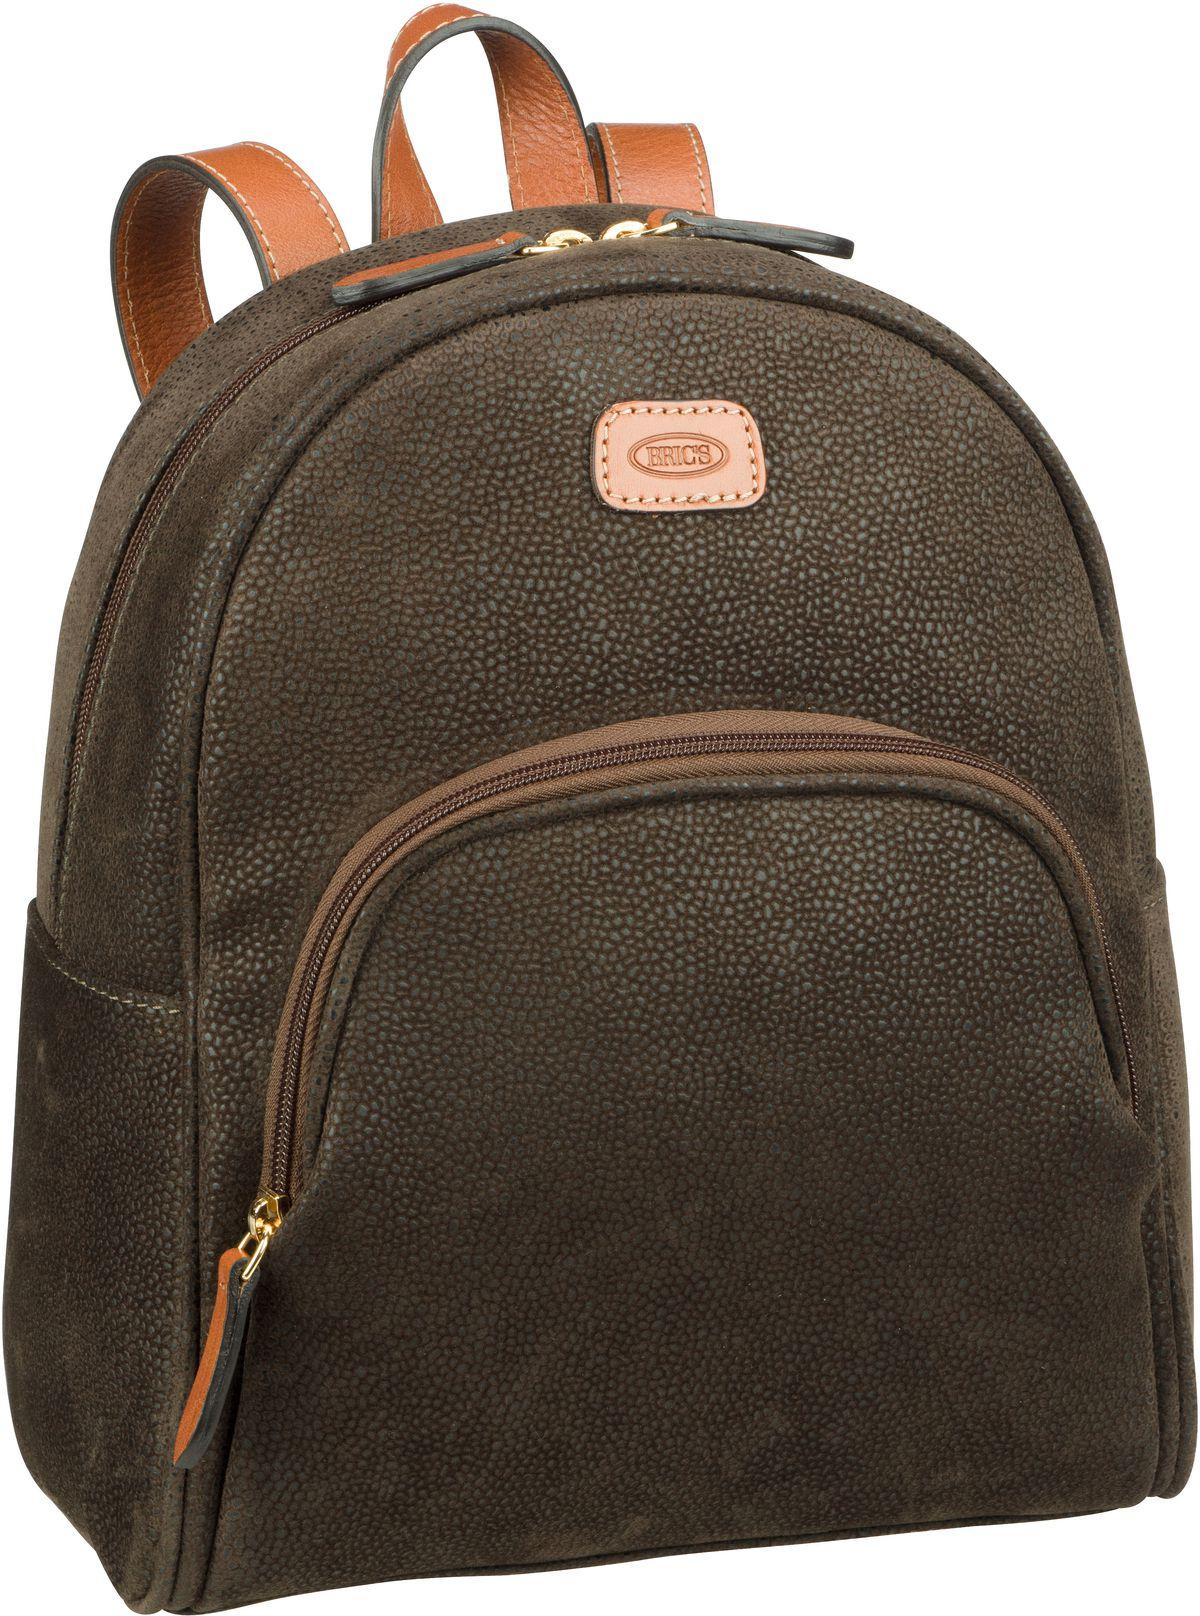 's Rucksack / Daypack Life Rucksack 51656 Oliva